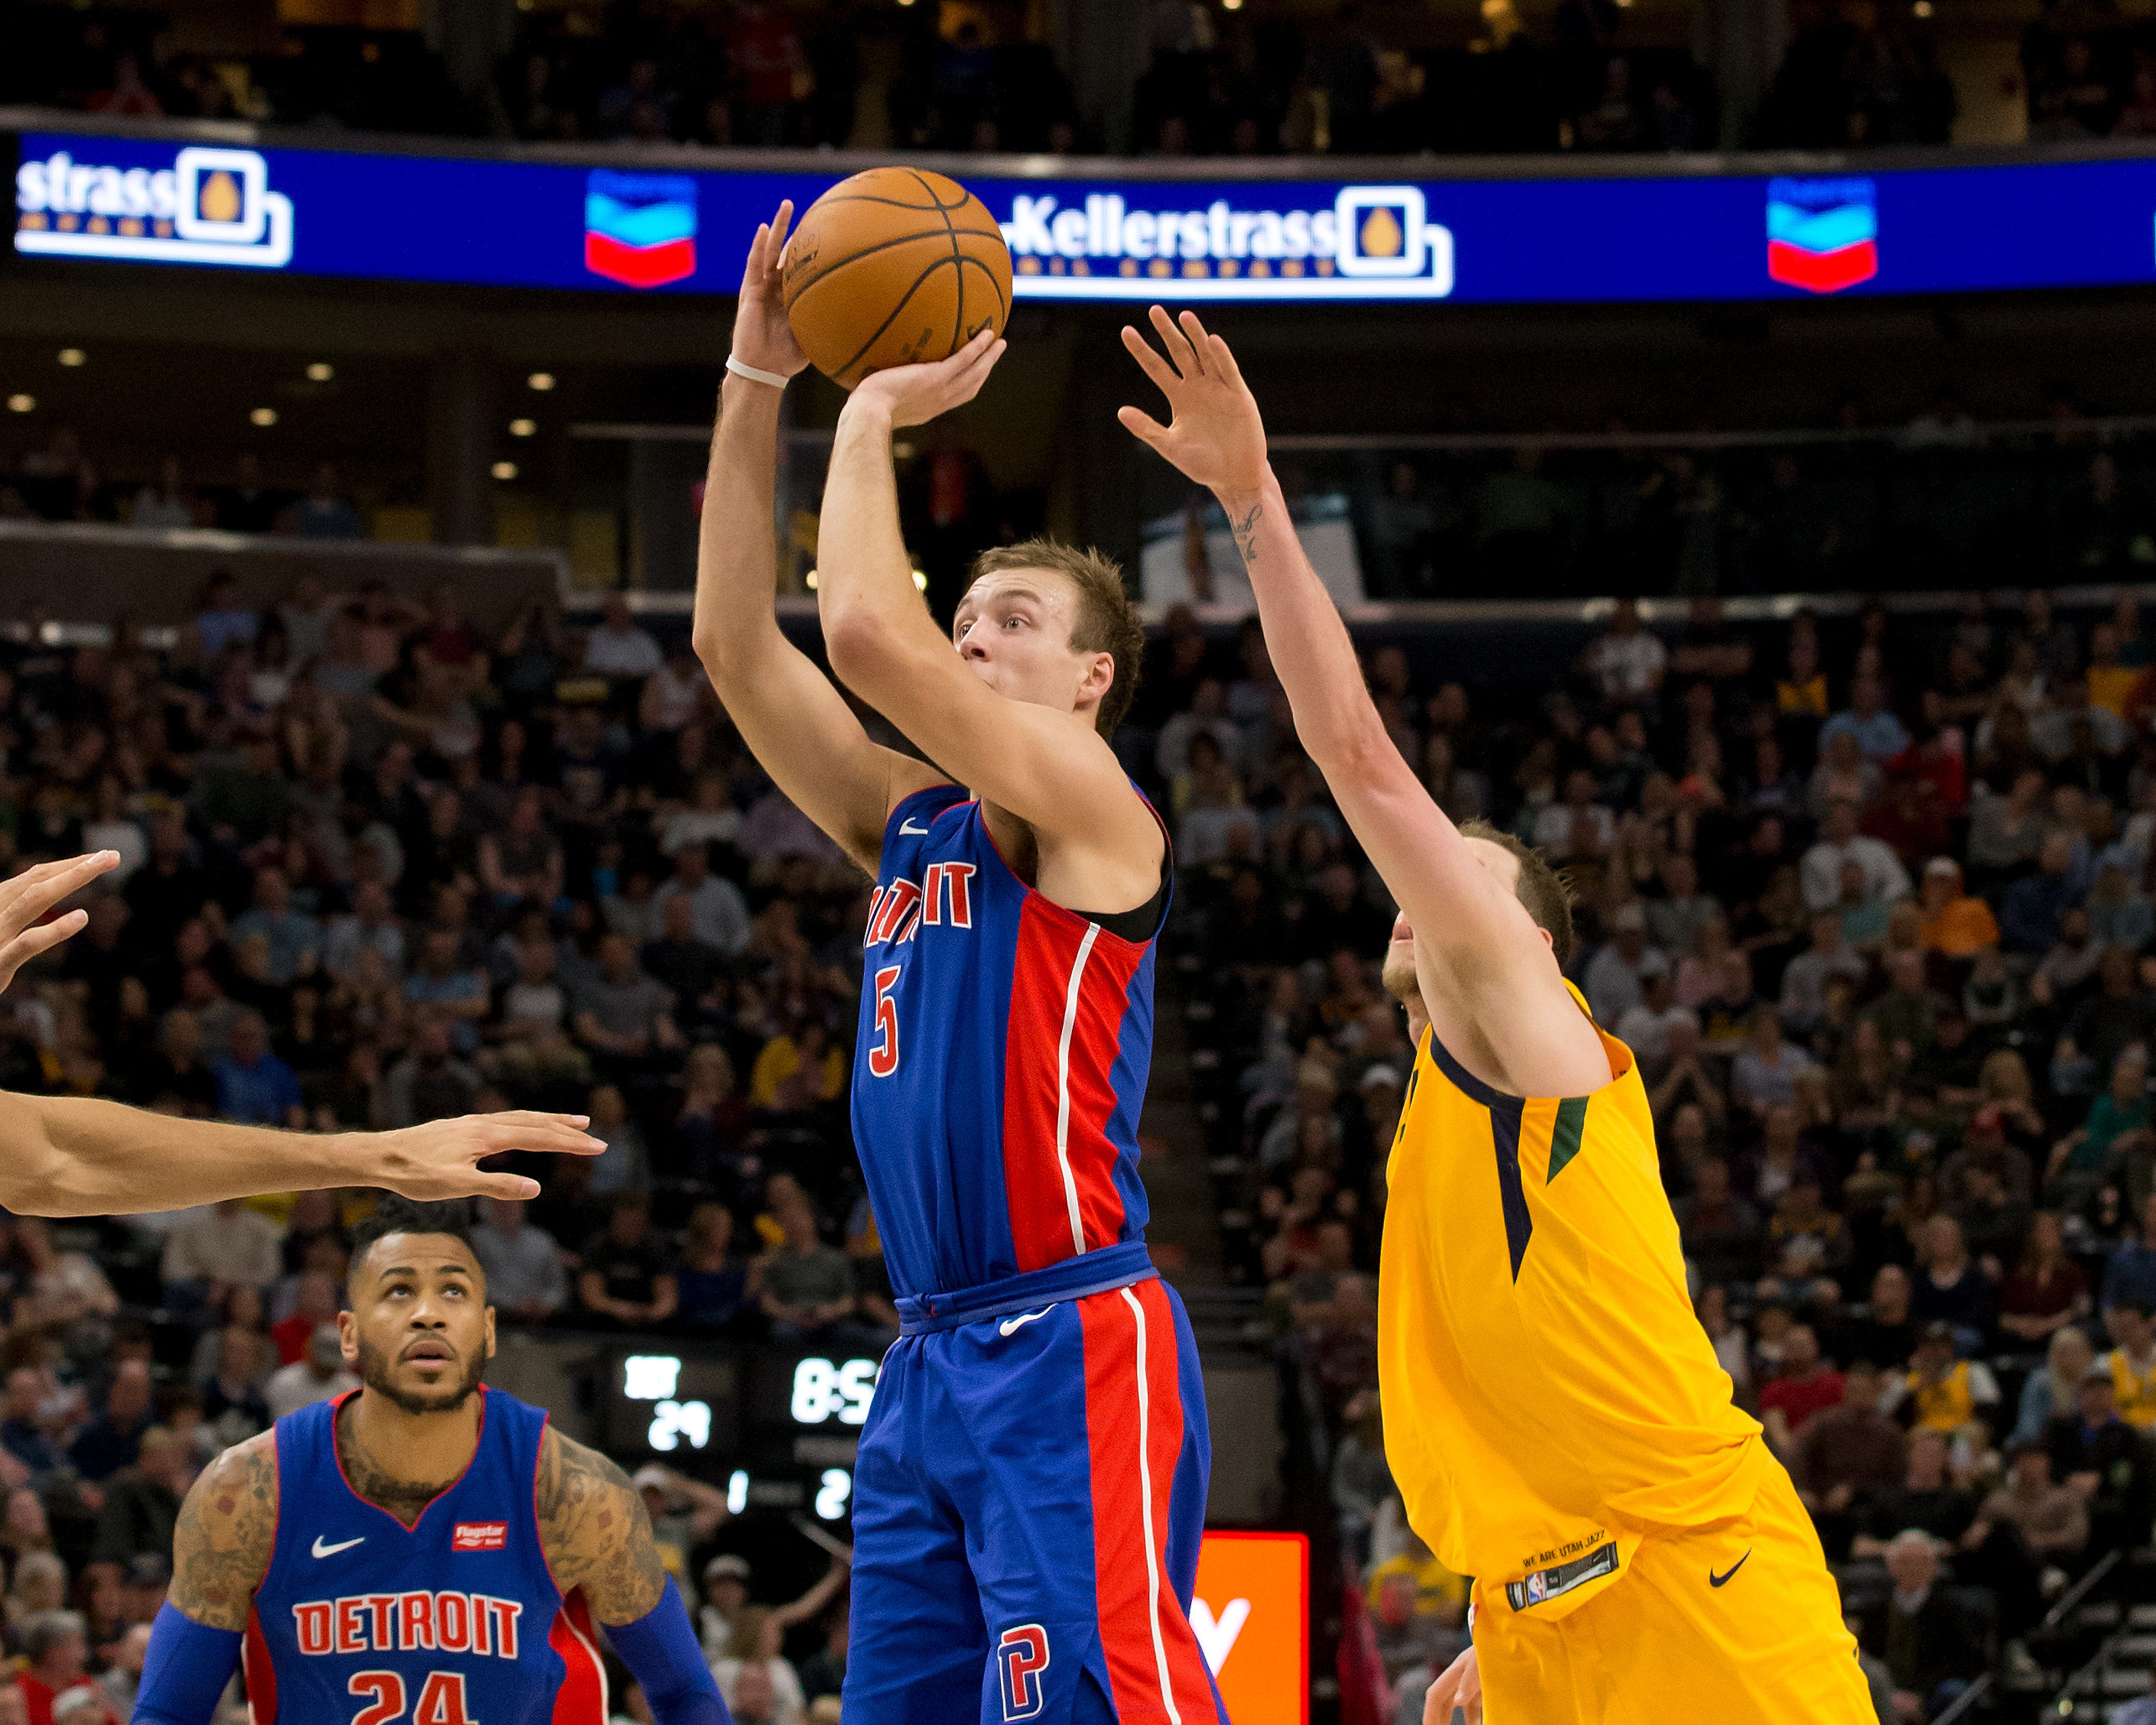 NBA: Detroit Pistons at Utah Jazz